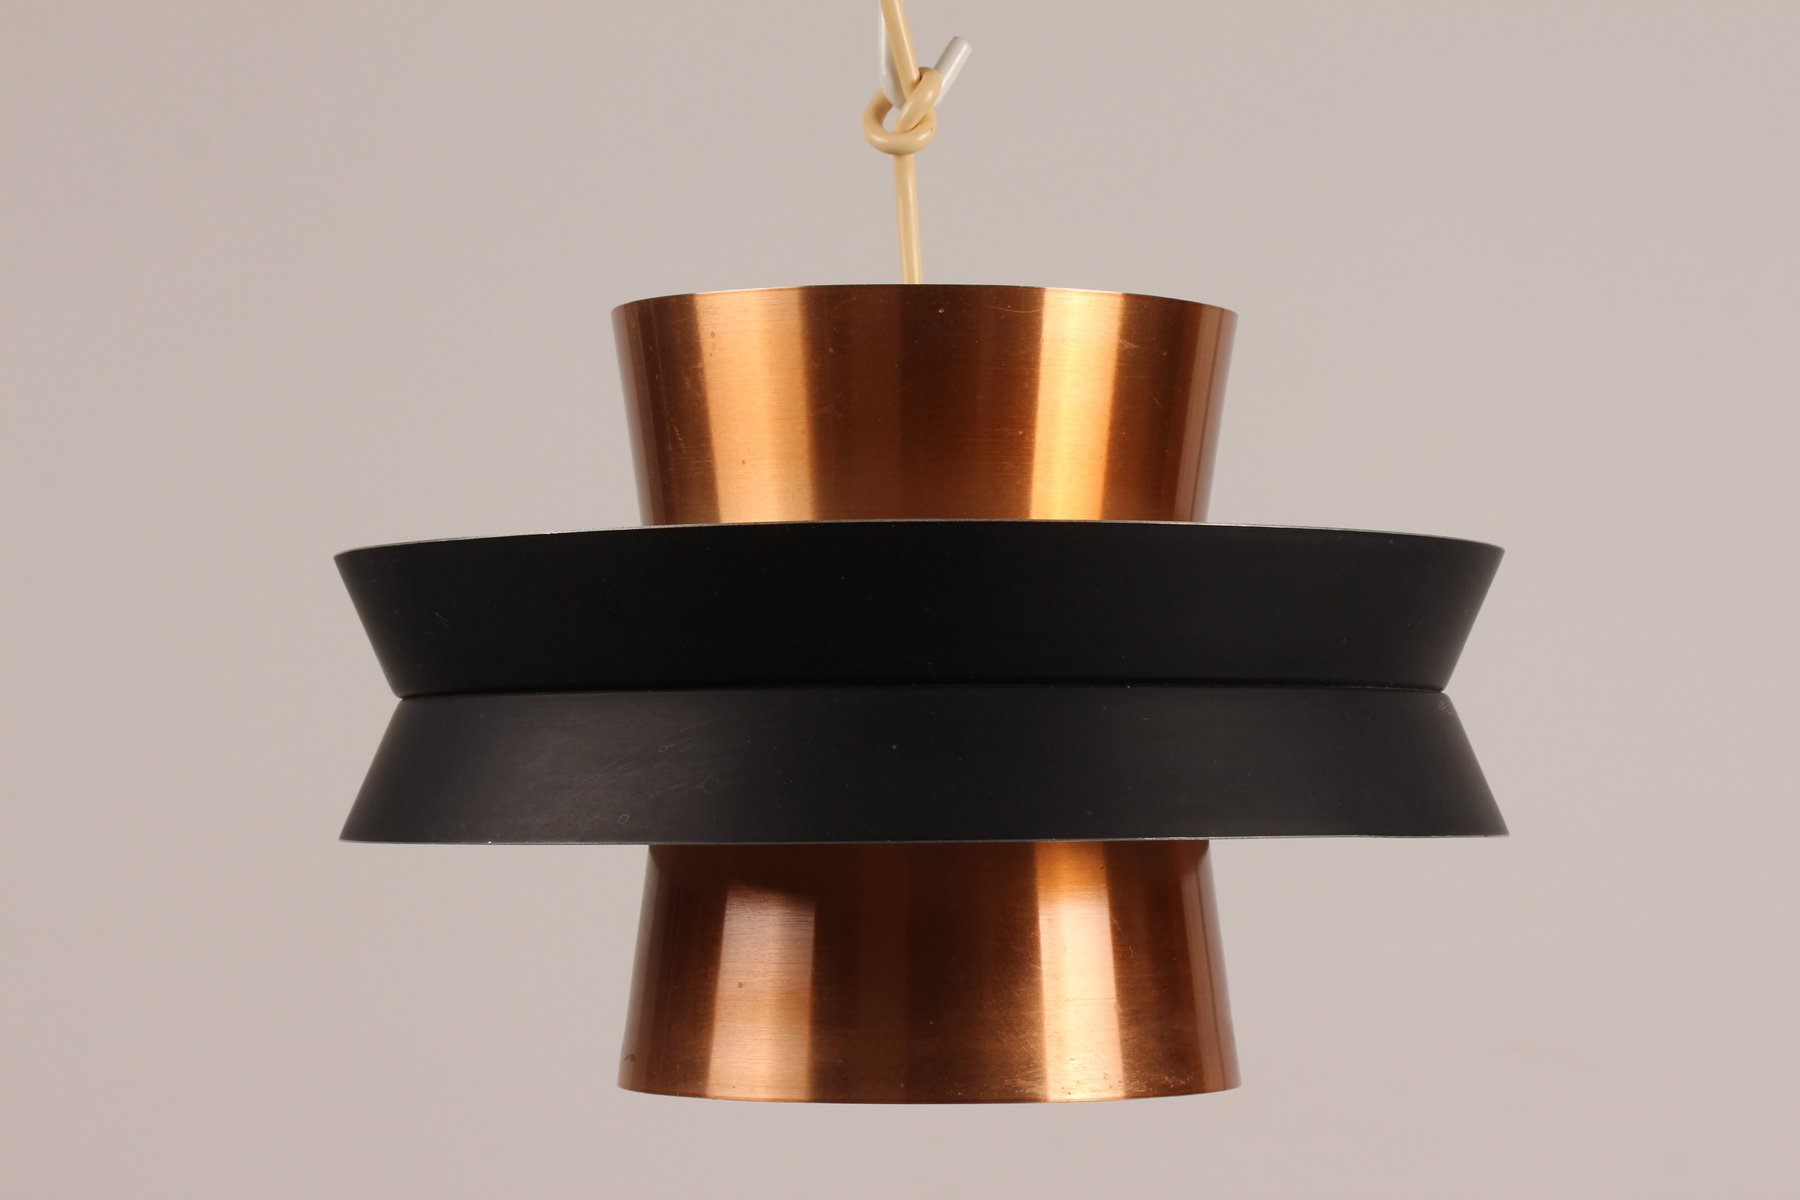 Kupfer Hängelampe von Carl Thore für Granhaga Metallindustri